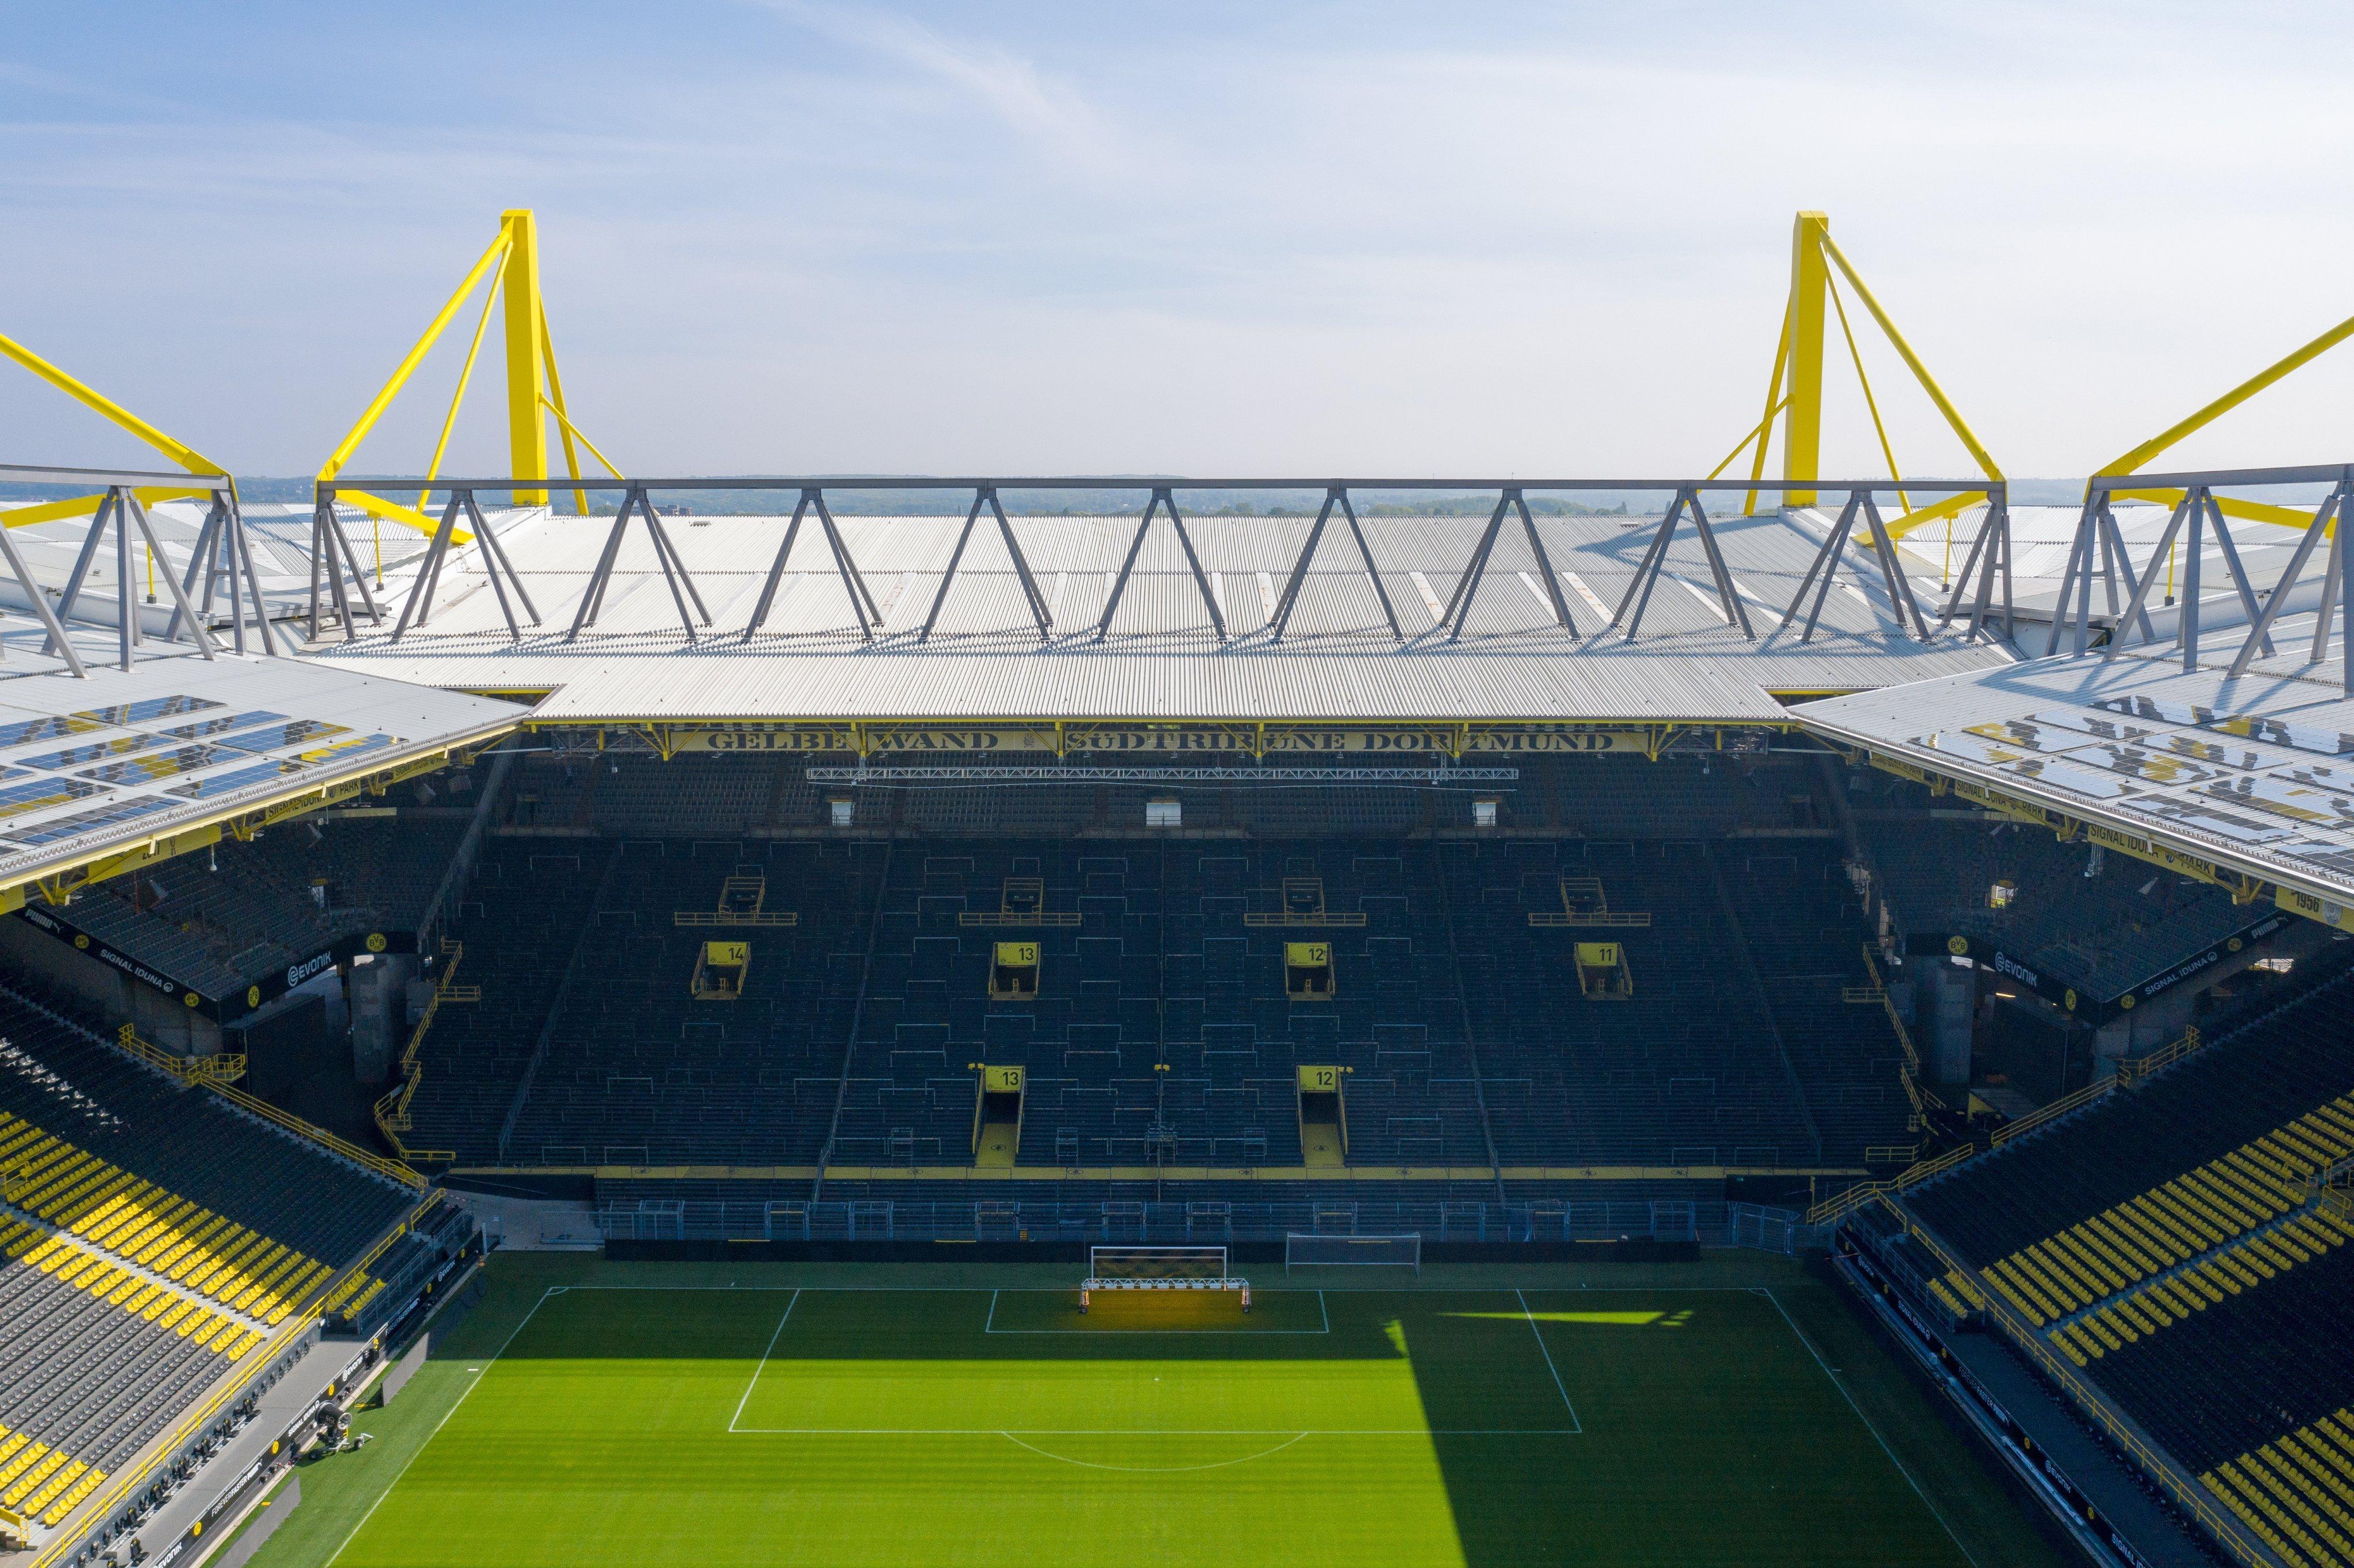 """Немецкие болельщики: """"Почему в магазине нельзя заразиться коронавирусом, а на стадионе можно?"""" - изображение 1"""